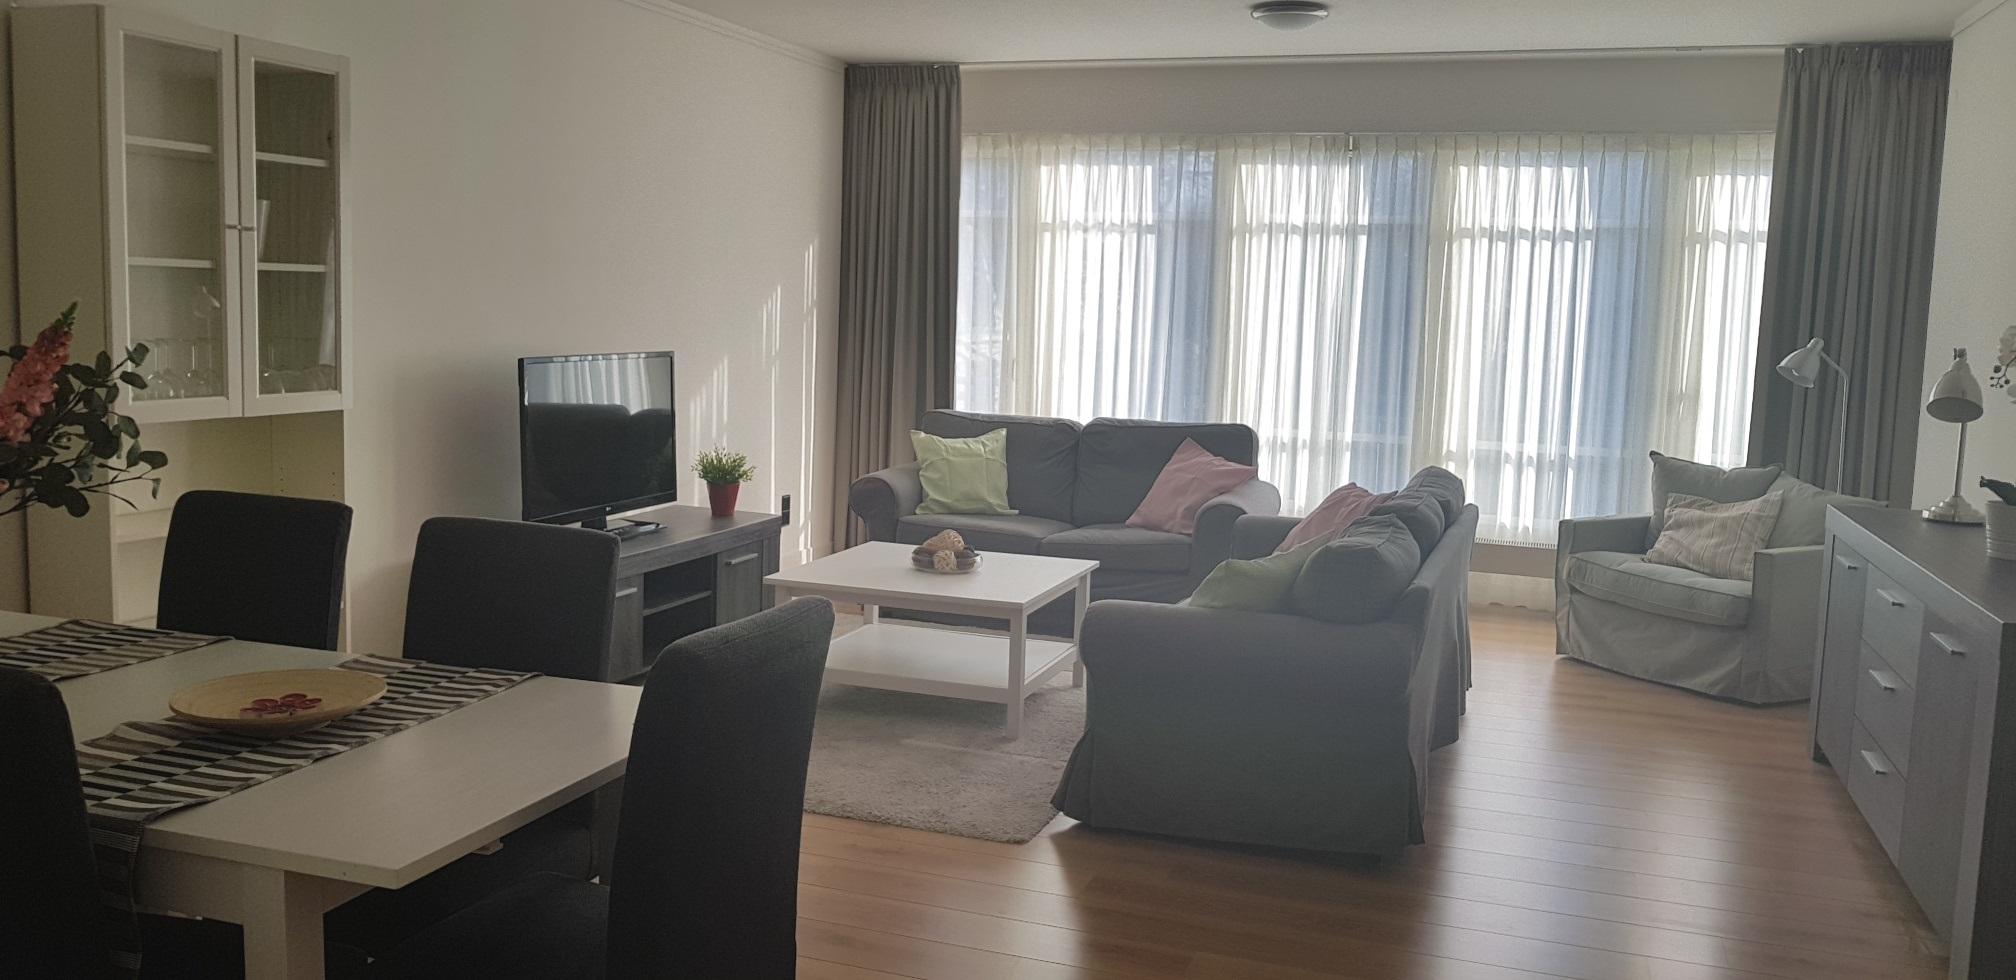 Complete Woon Eetkamer.Zeestraat 141 Nice Light 2 Bedroom Fully Furnished Apartment In